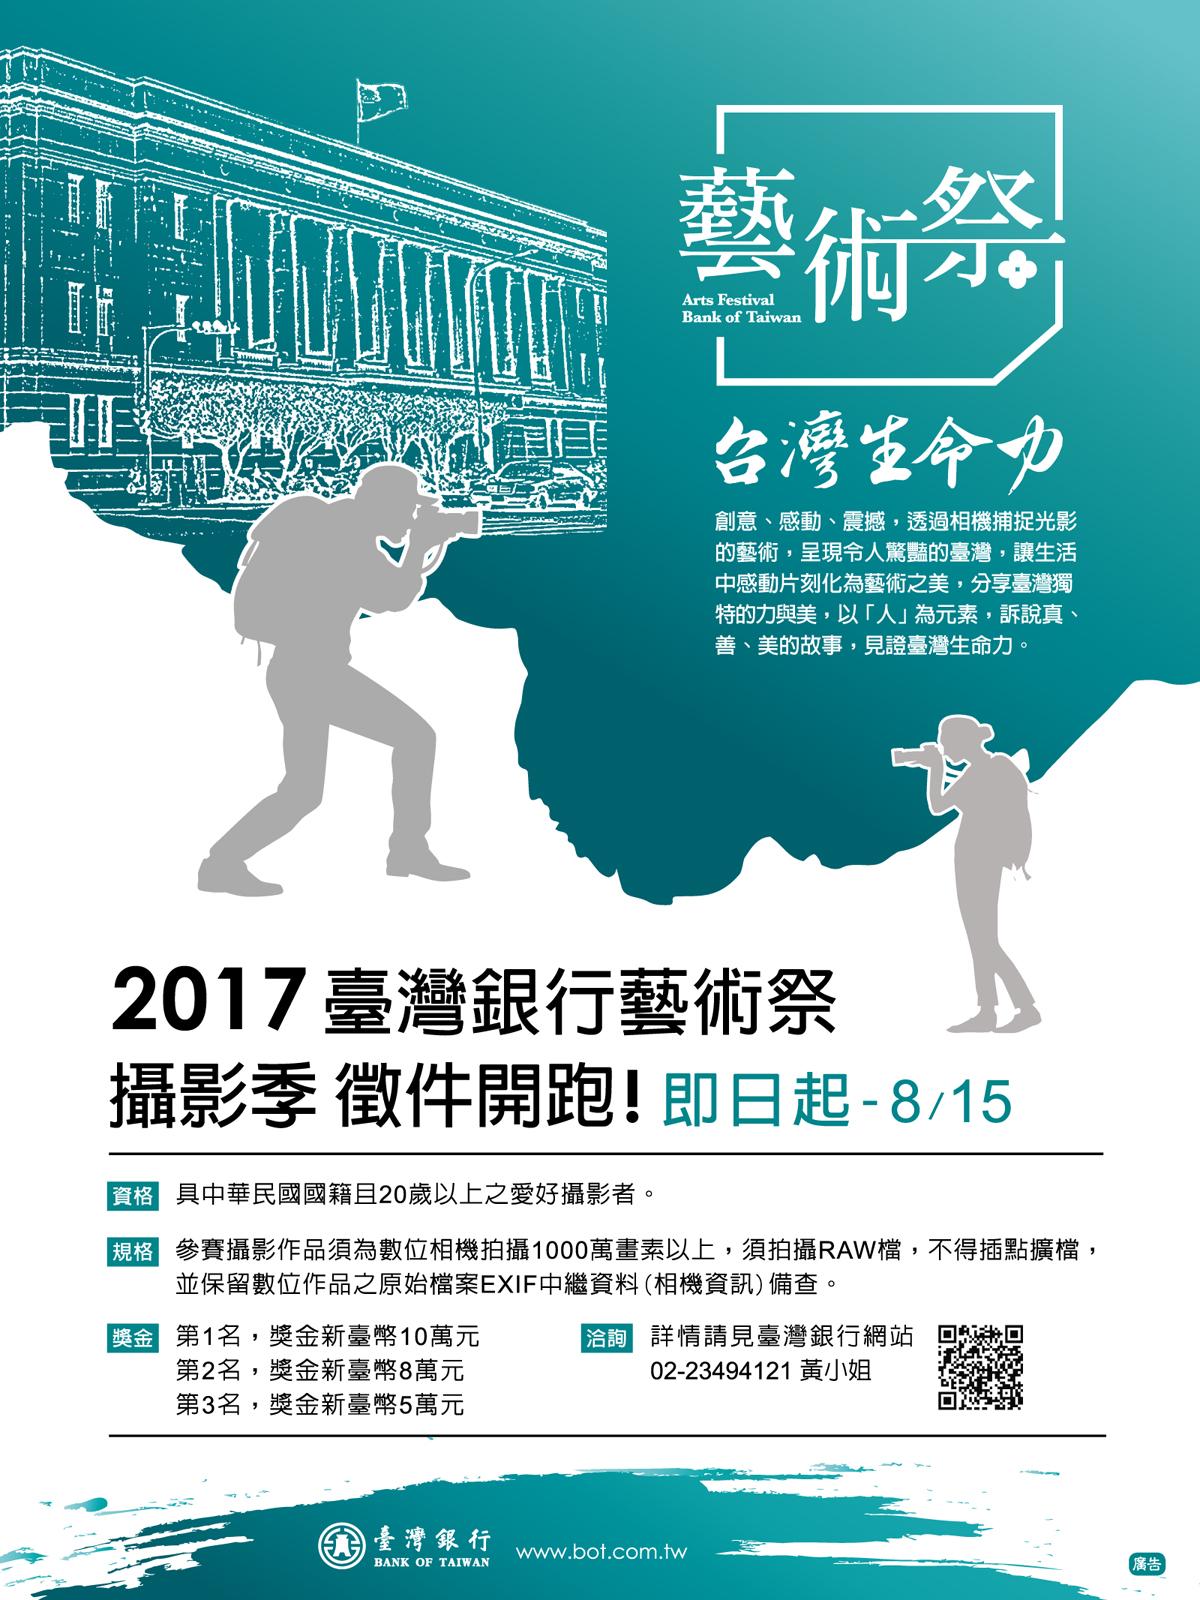 「2017年臺灣銀行藝術祭-攝影季」攝影比賽-海報